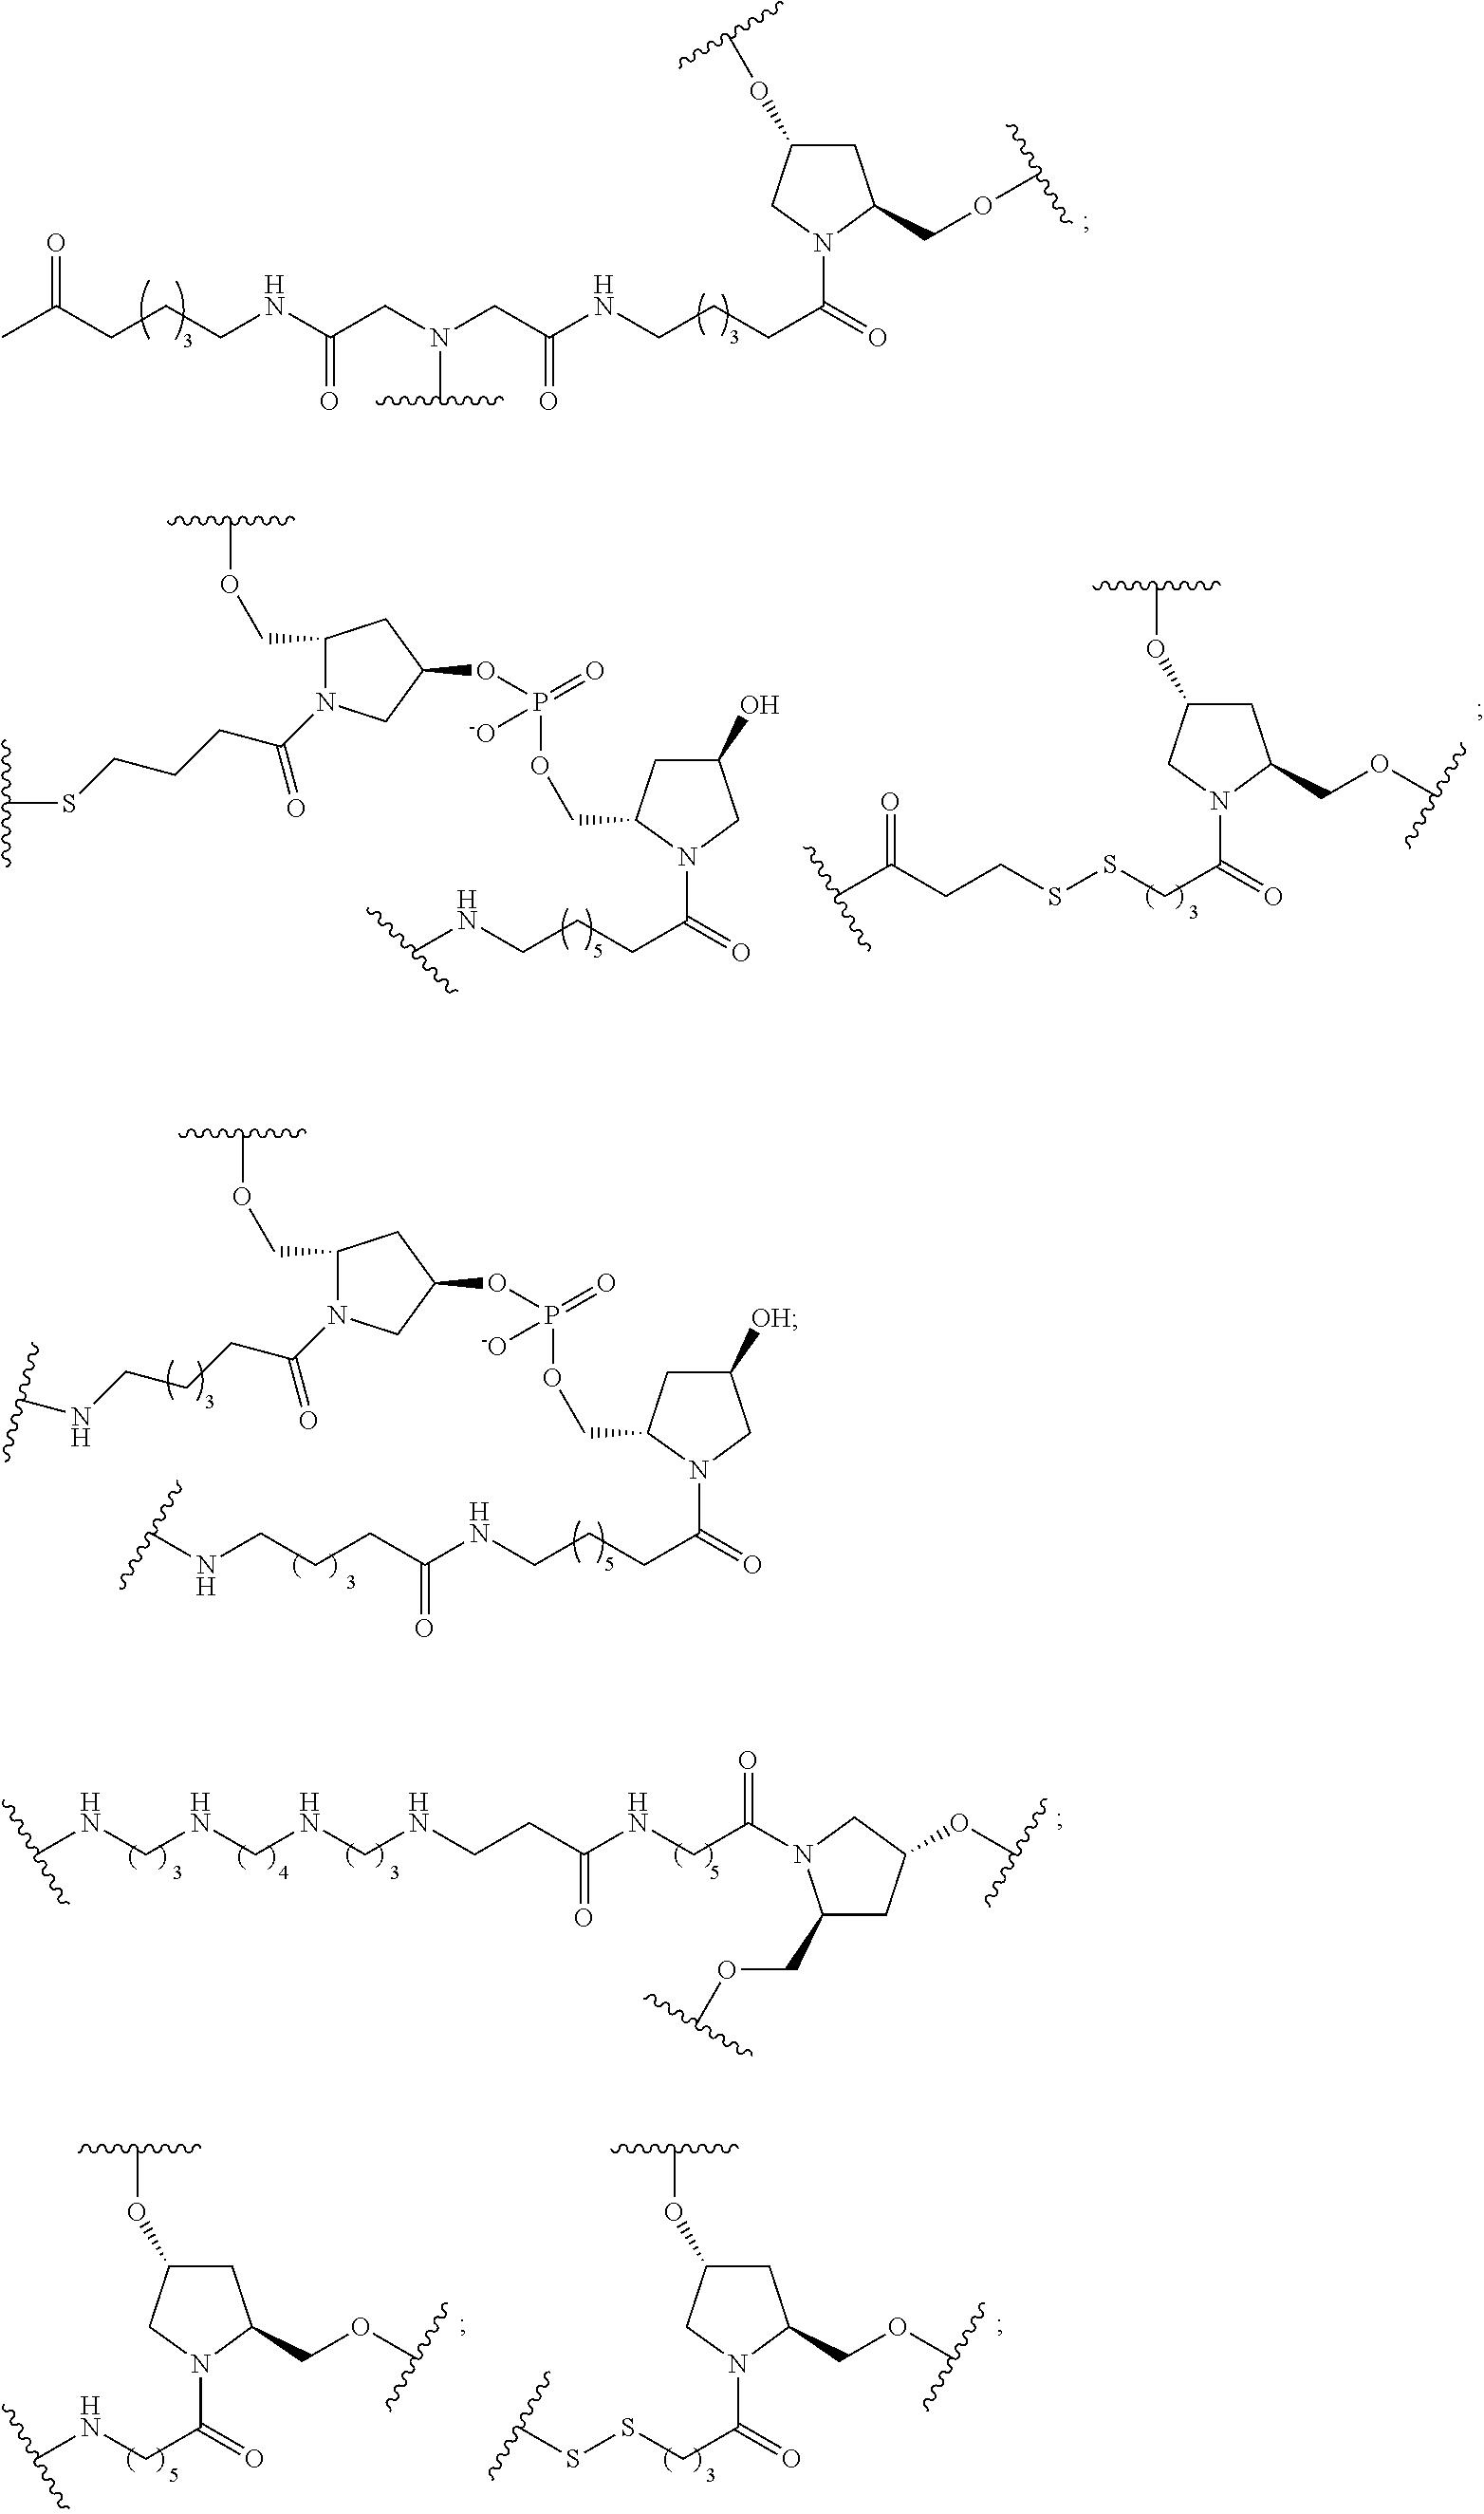 Figure US09994855-20180612-C00052